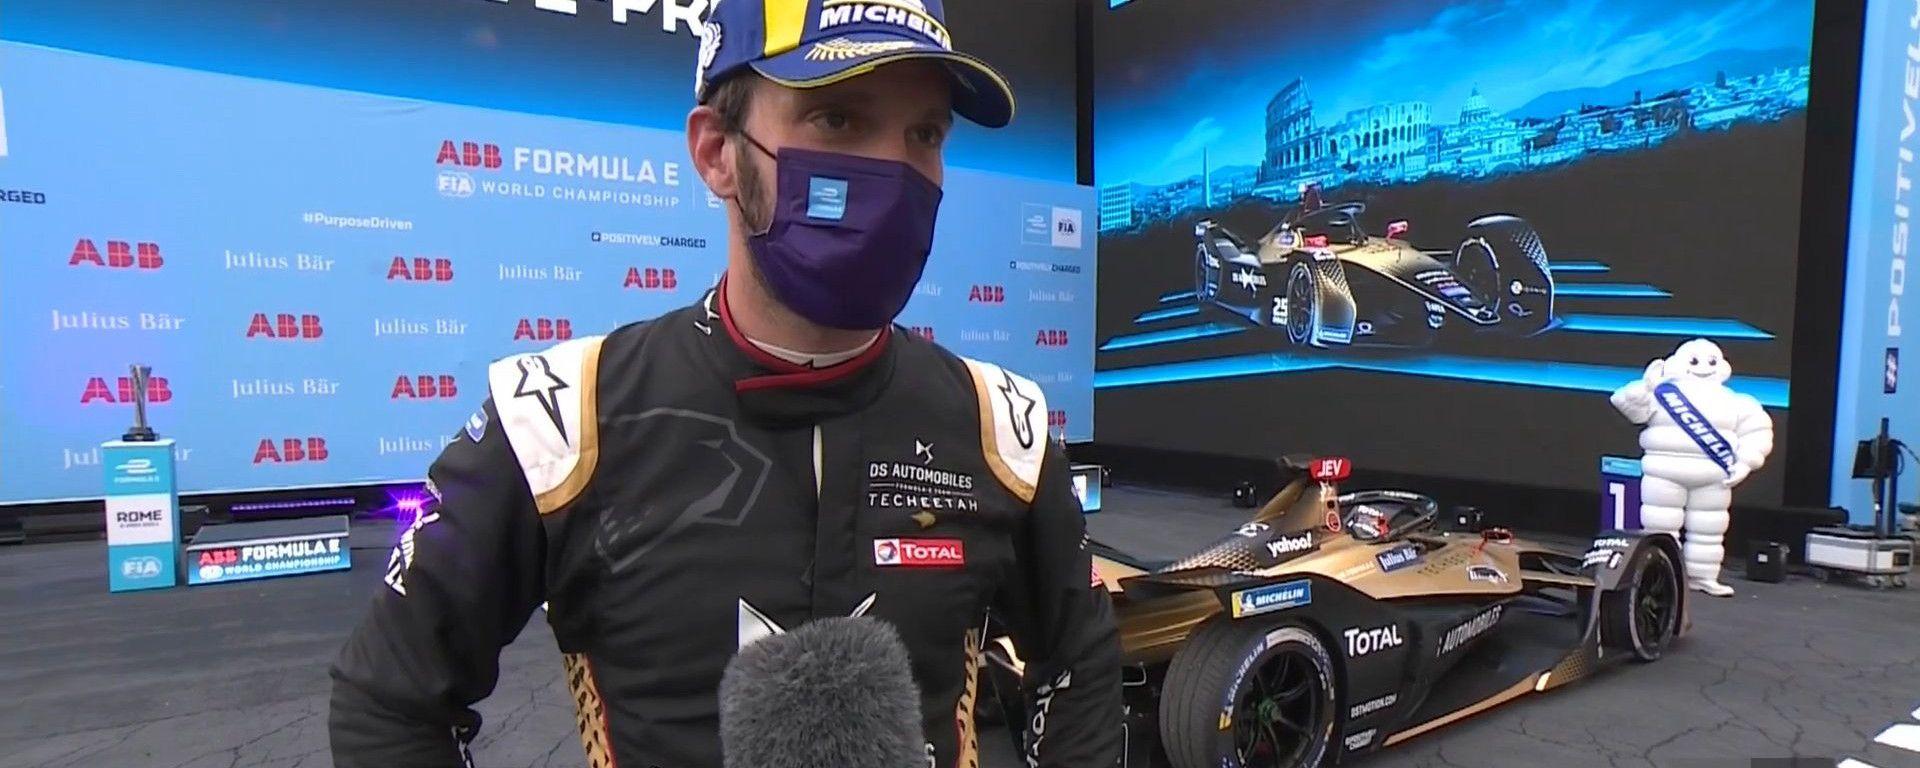 ePrix Roma-1 2021, Jean Eric Vergne (Team DS Techeetah) intervistato sotto il podio